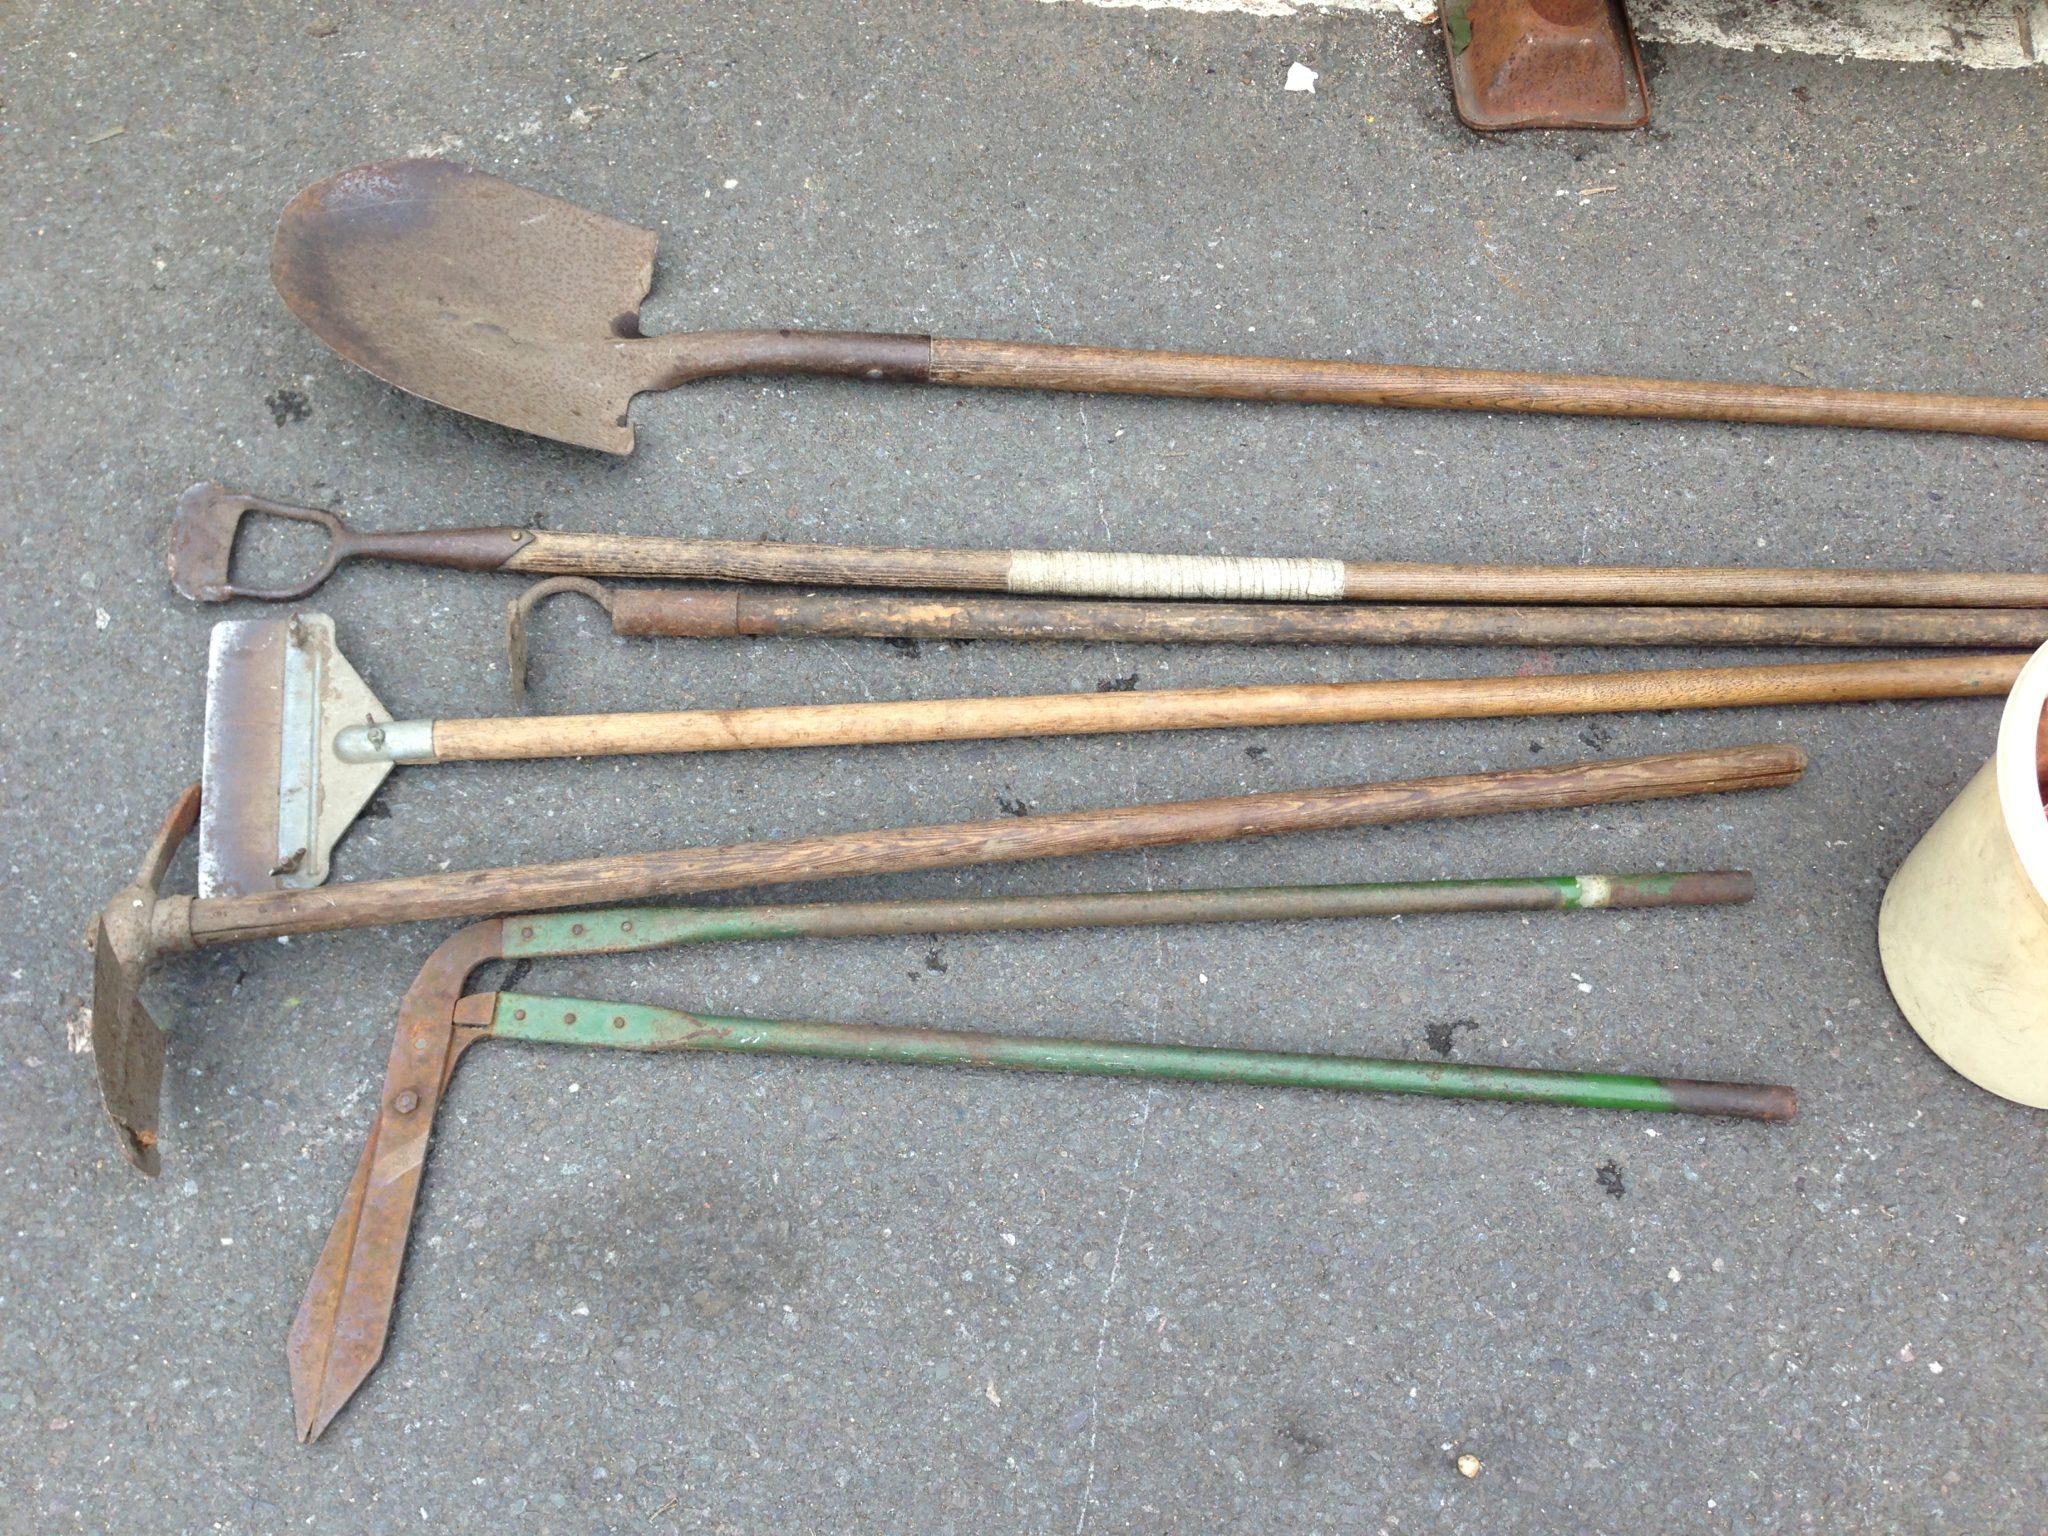 Gardening Hand Tools - IMG_4613